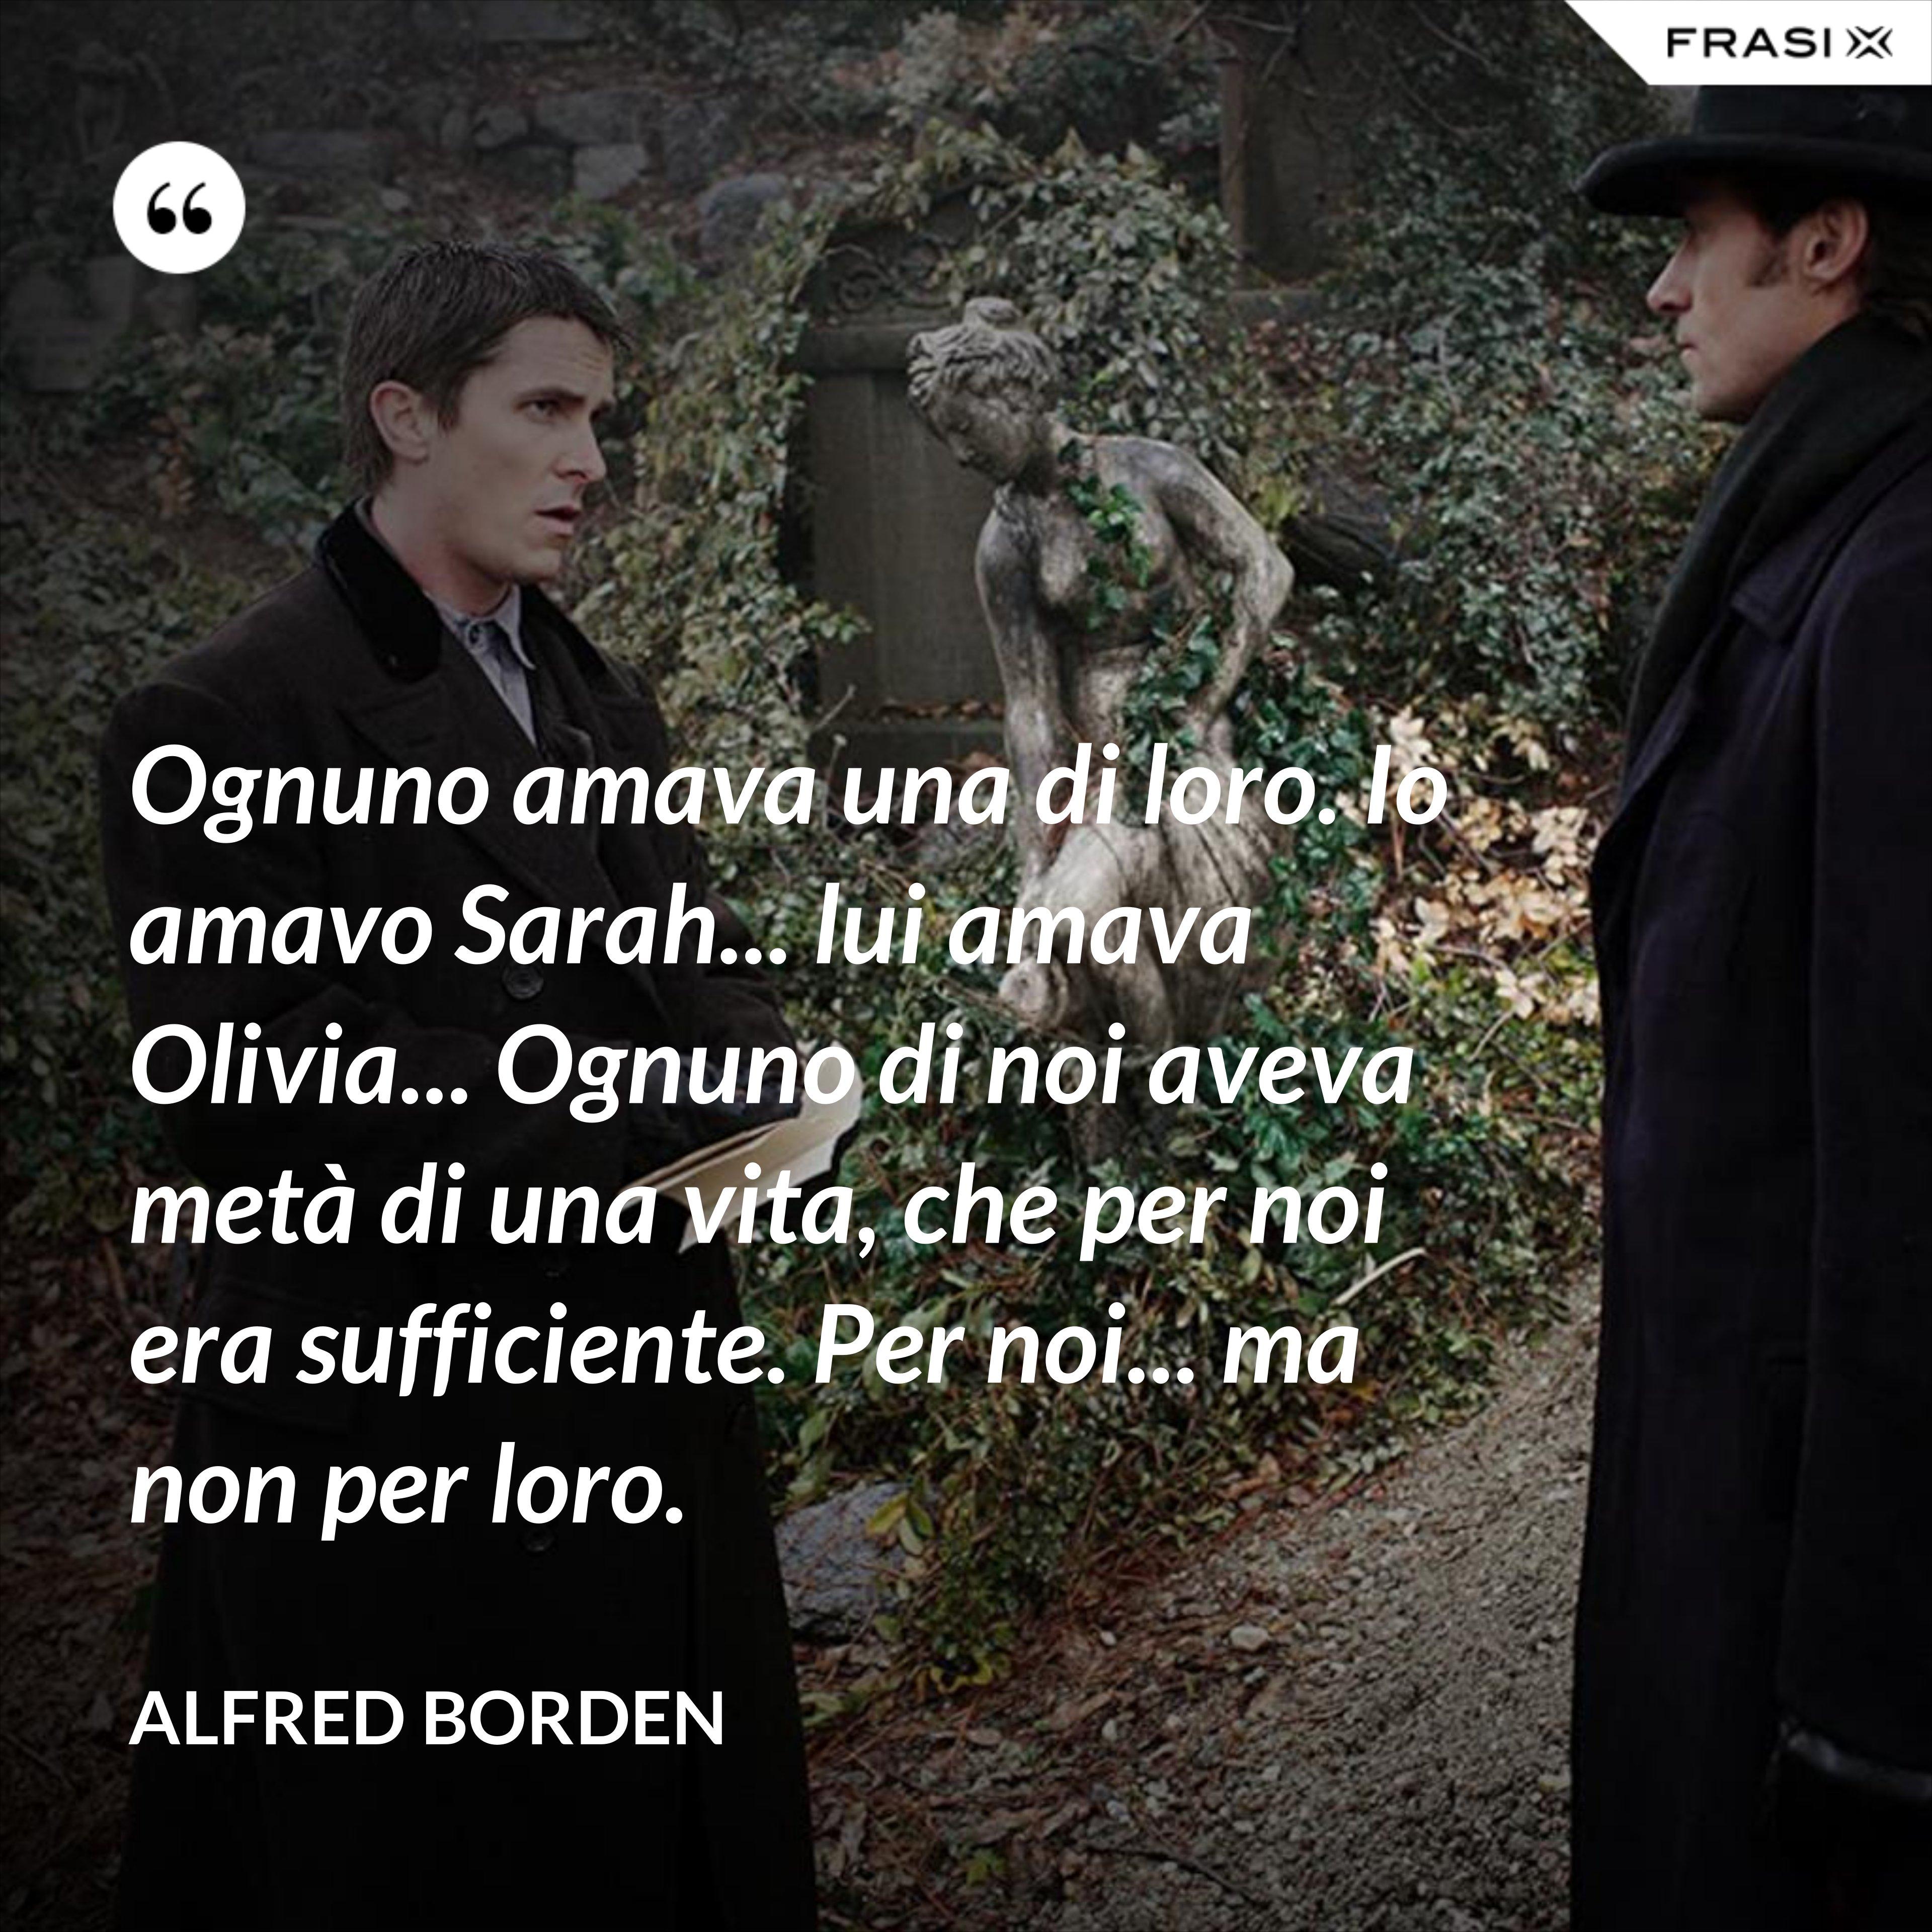 Ognuno amava una di loro. Io amavo Sarah... lui amava Olivia... Ognuno di noi aveva metà di una vita, che per noi era sufficiente. Per noi... ma non per loro. - Alfred Borden